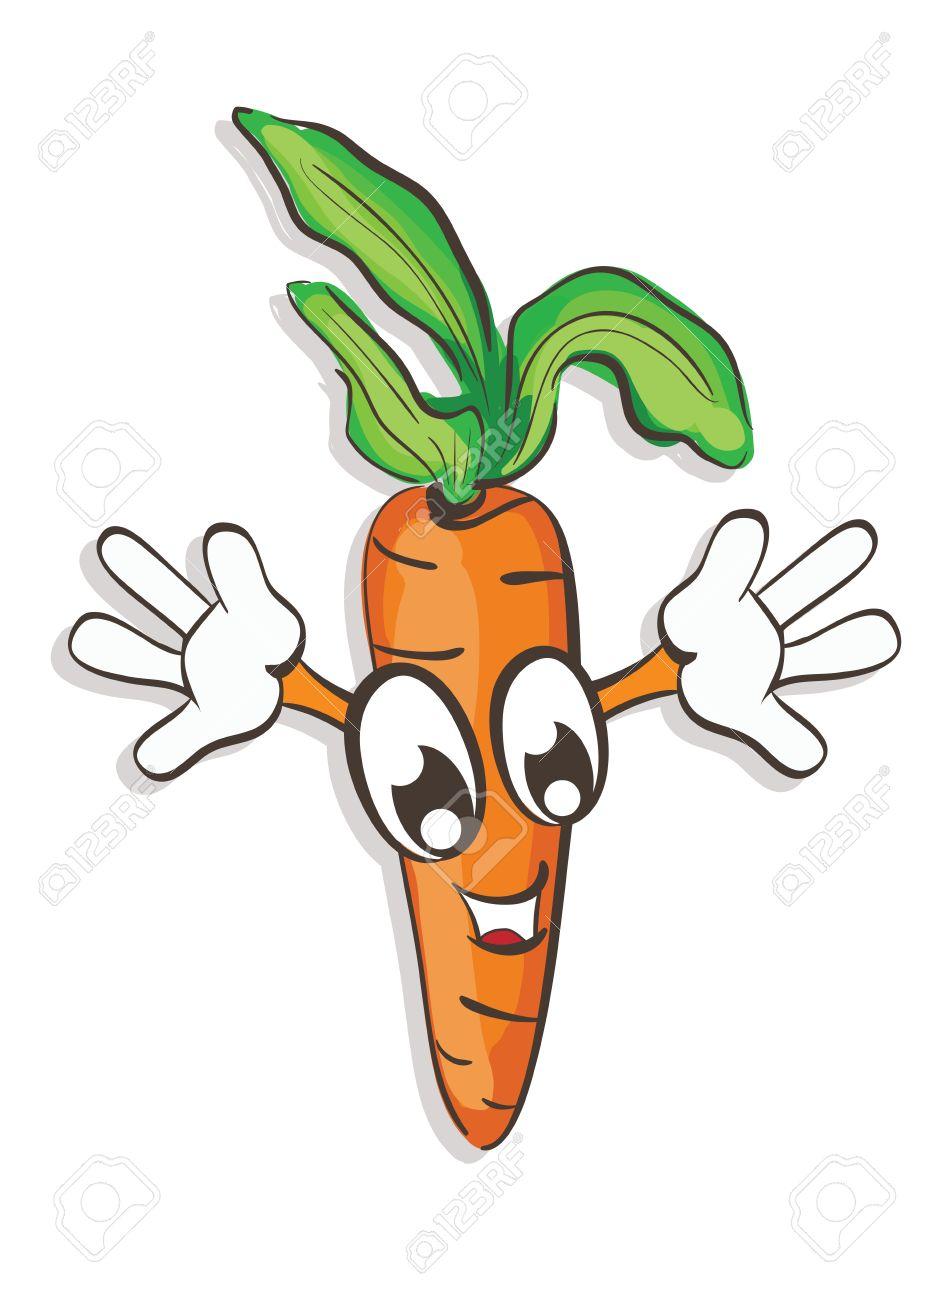 937x1300 Illustration Of Funny Cartoon Carrot Raising His Hands. Clip Art